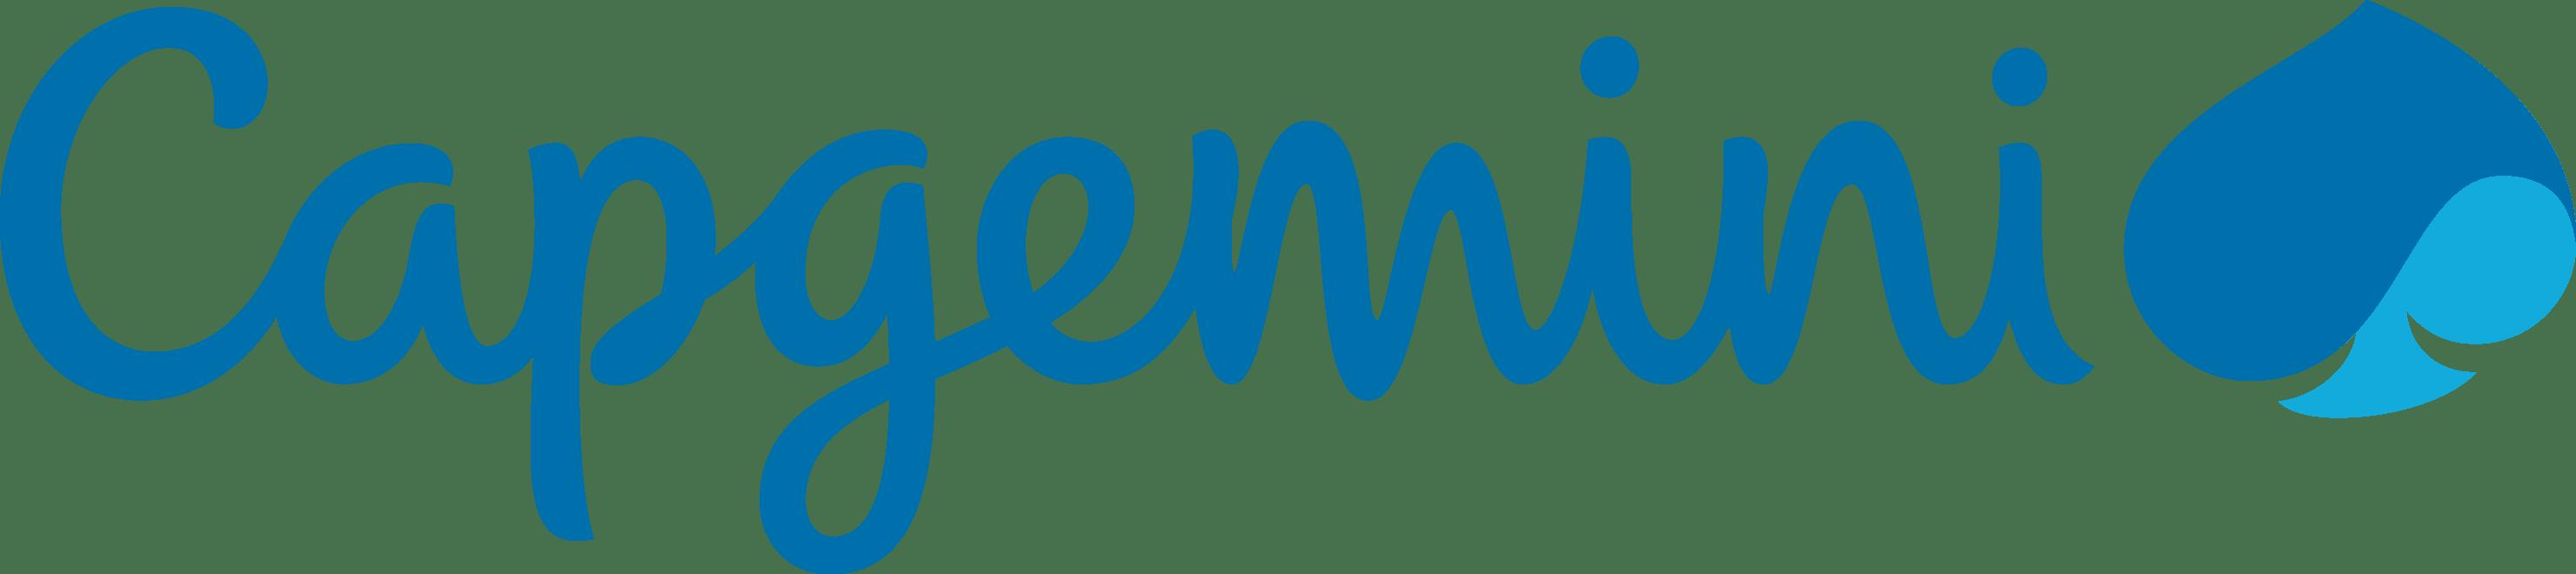 Capgemini Logo Download Vector.